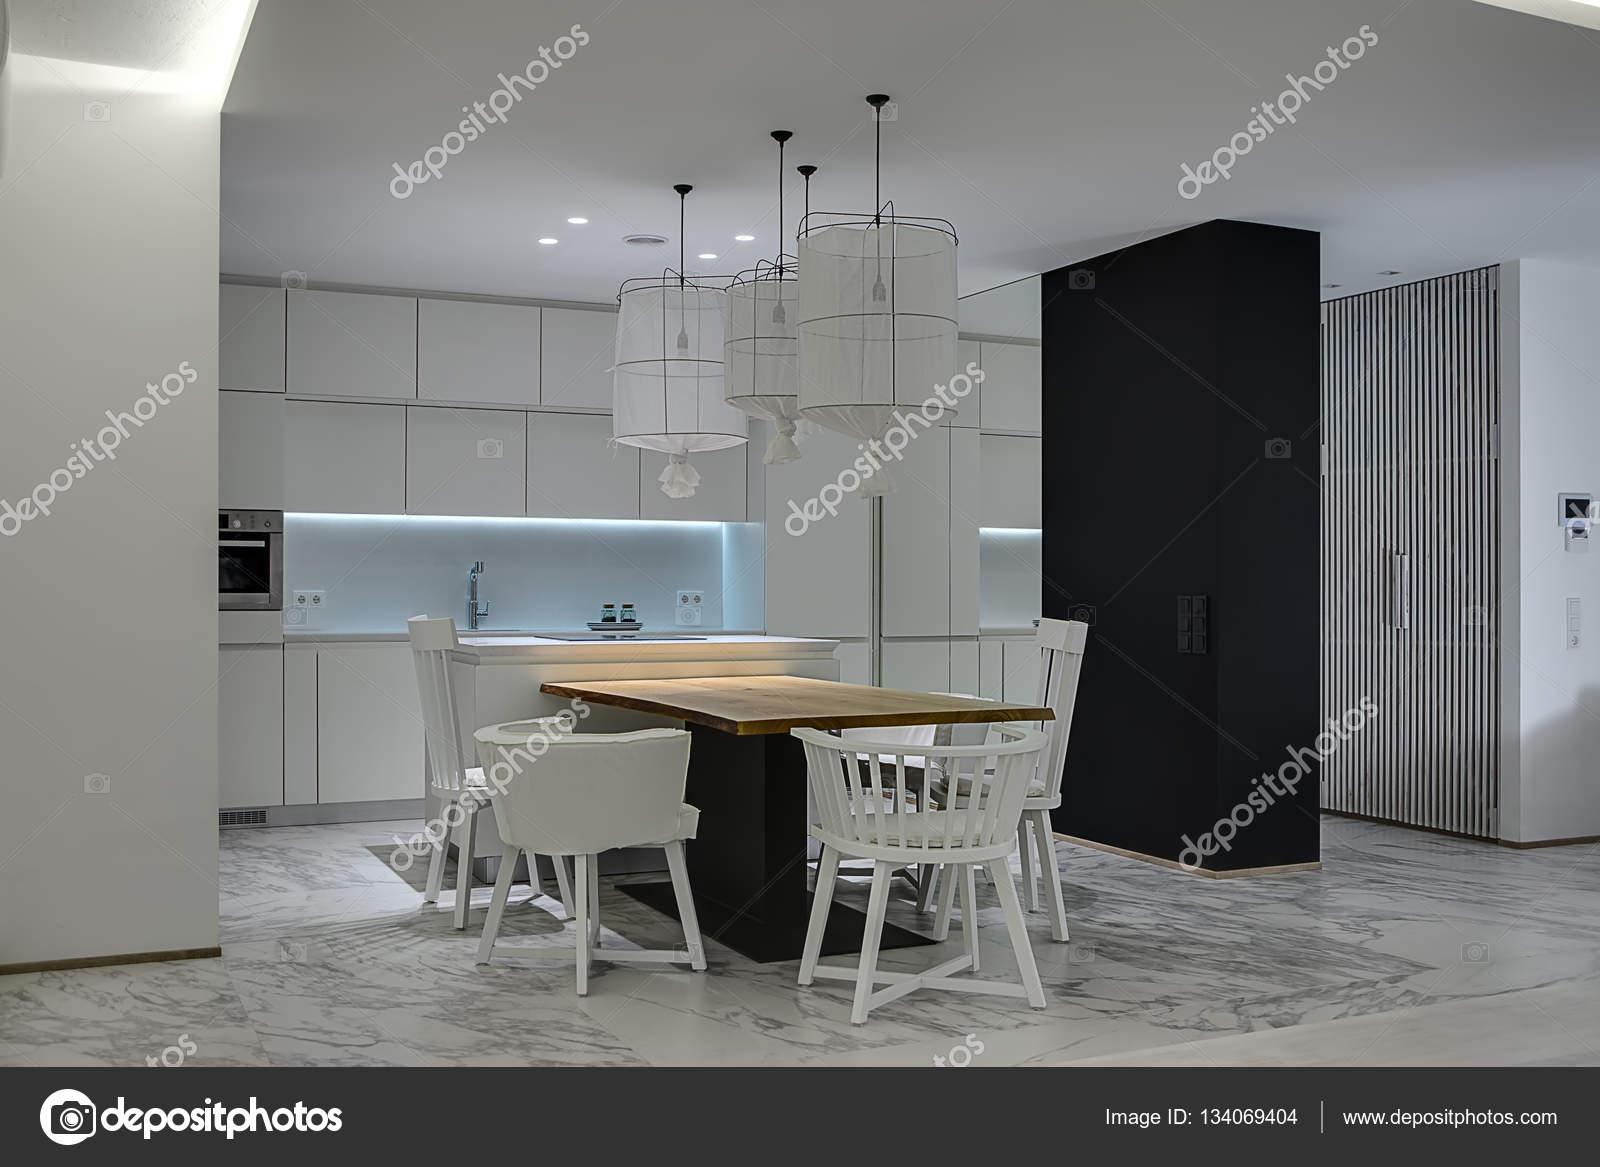 Cozinha Em Estilo Moderno Stock Photo Bezikus 134069404